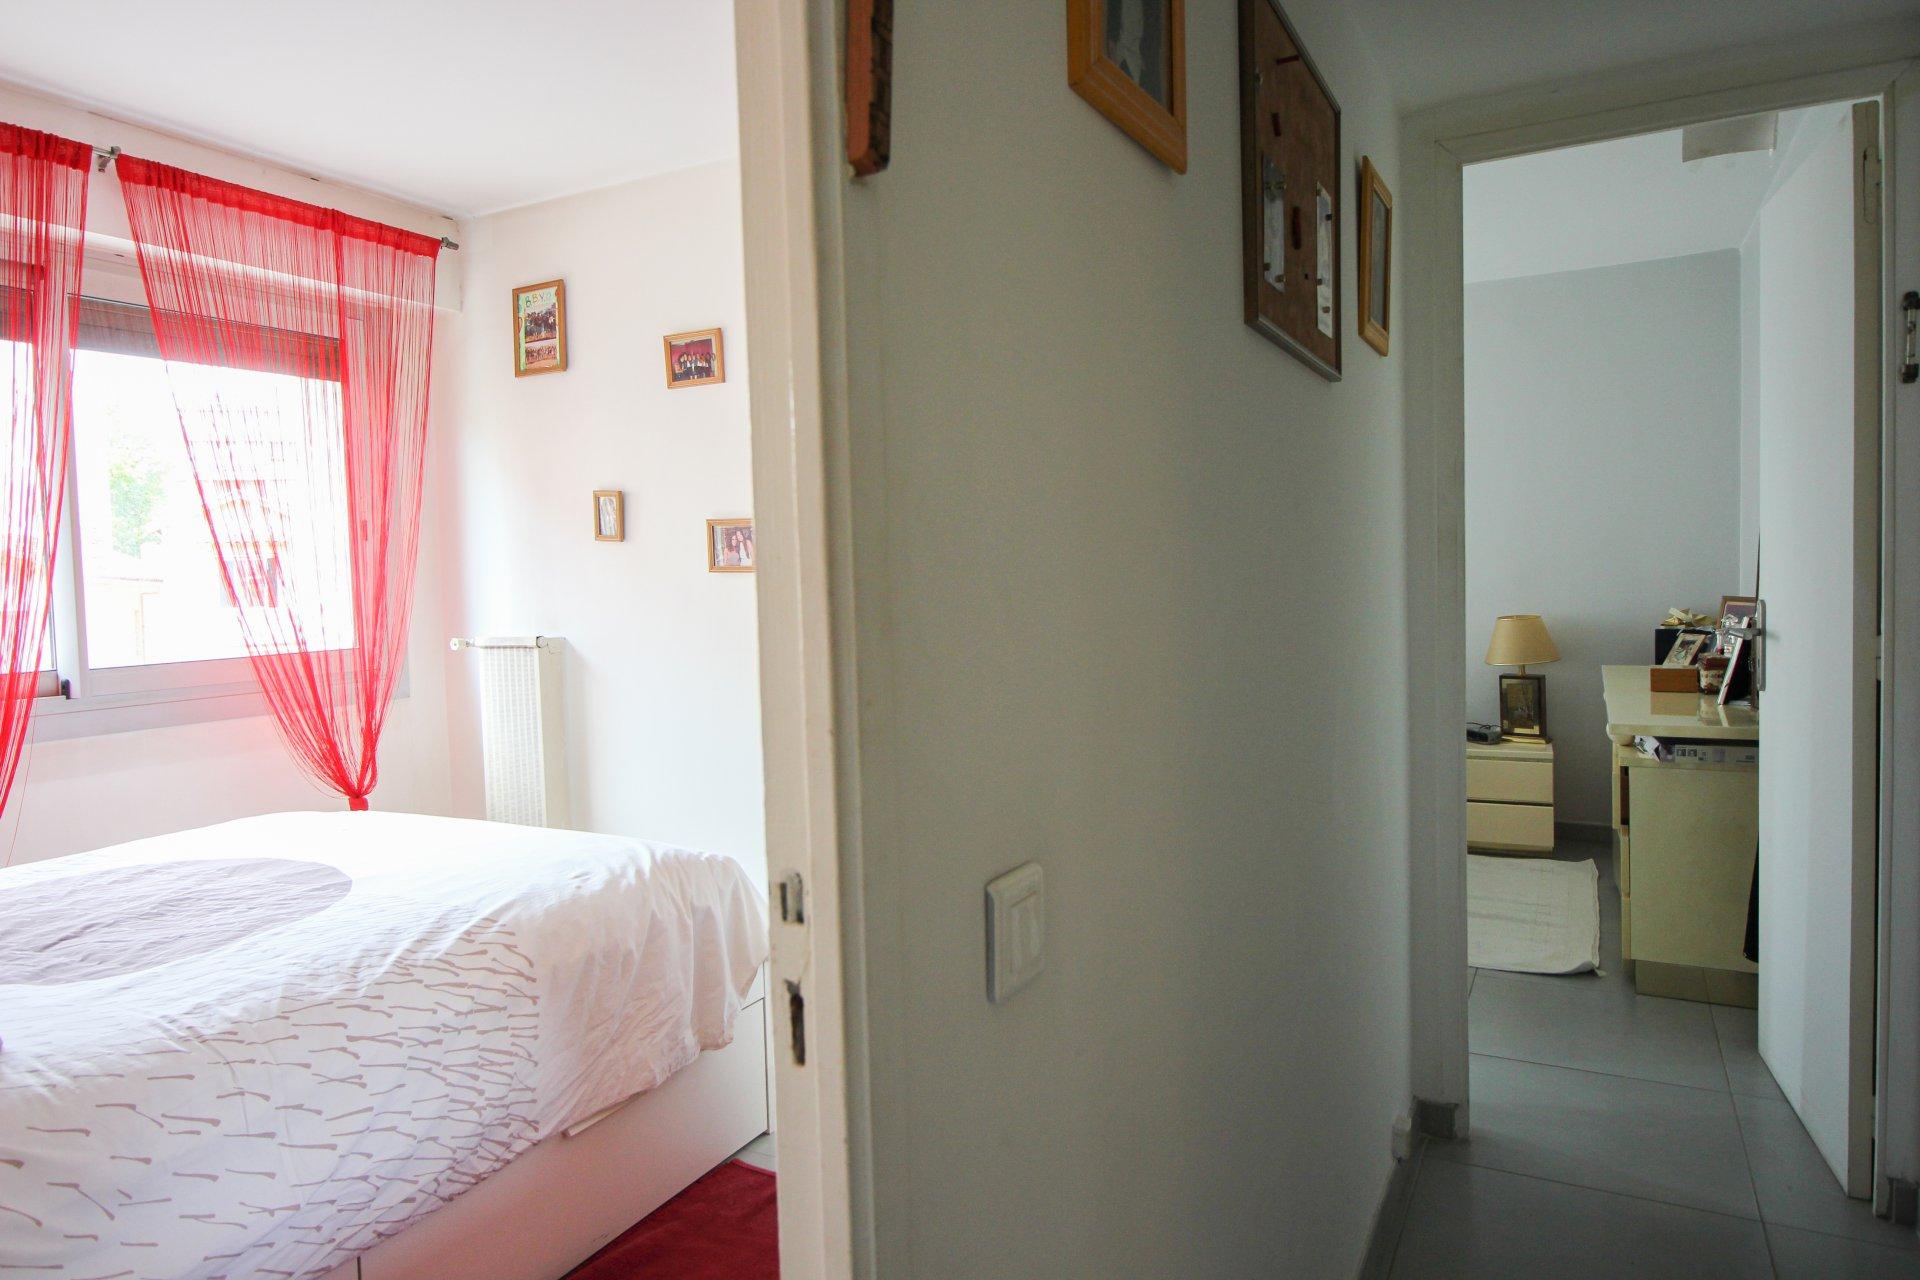 LE PARFAIT - Appartement de type 4 de 97 m2